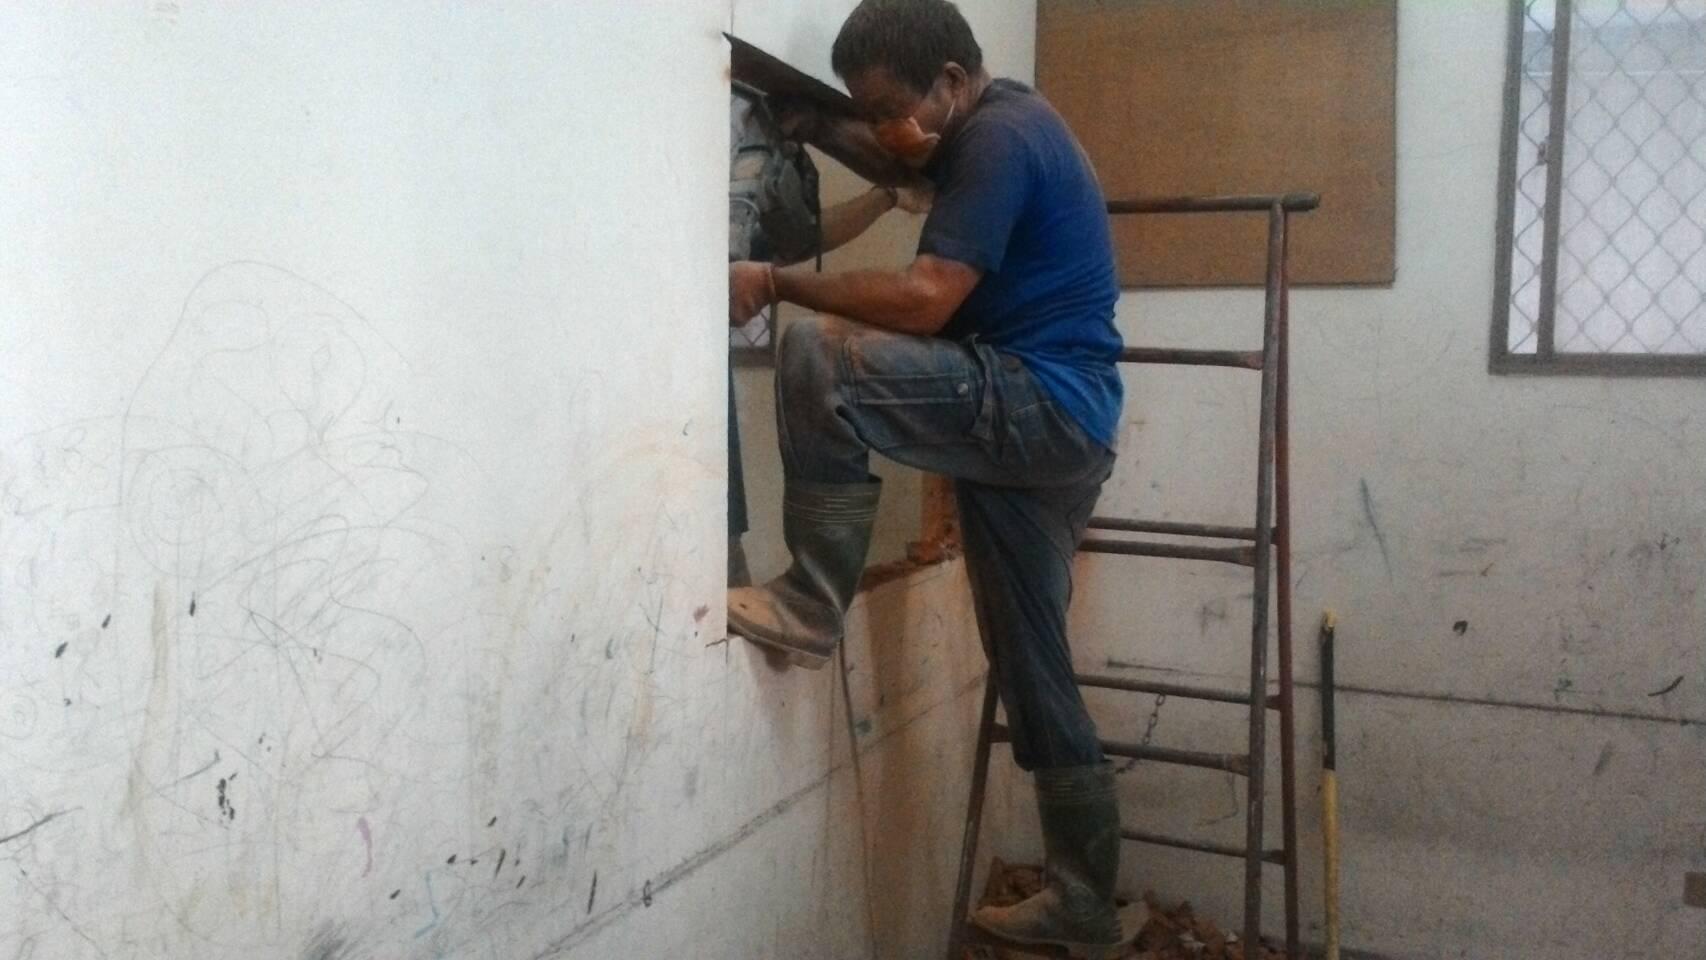 【勁猛工程行】-為台中專業拆除工程團隊,中部房屋拆除,裝潢拆除,專業打石,百貨業拆除,鐵皮屋拆除,房屋拆除,裝潢拆除,切割鑚孔,拆除裝潢,打石工,粗工,空調管拆除